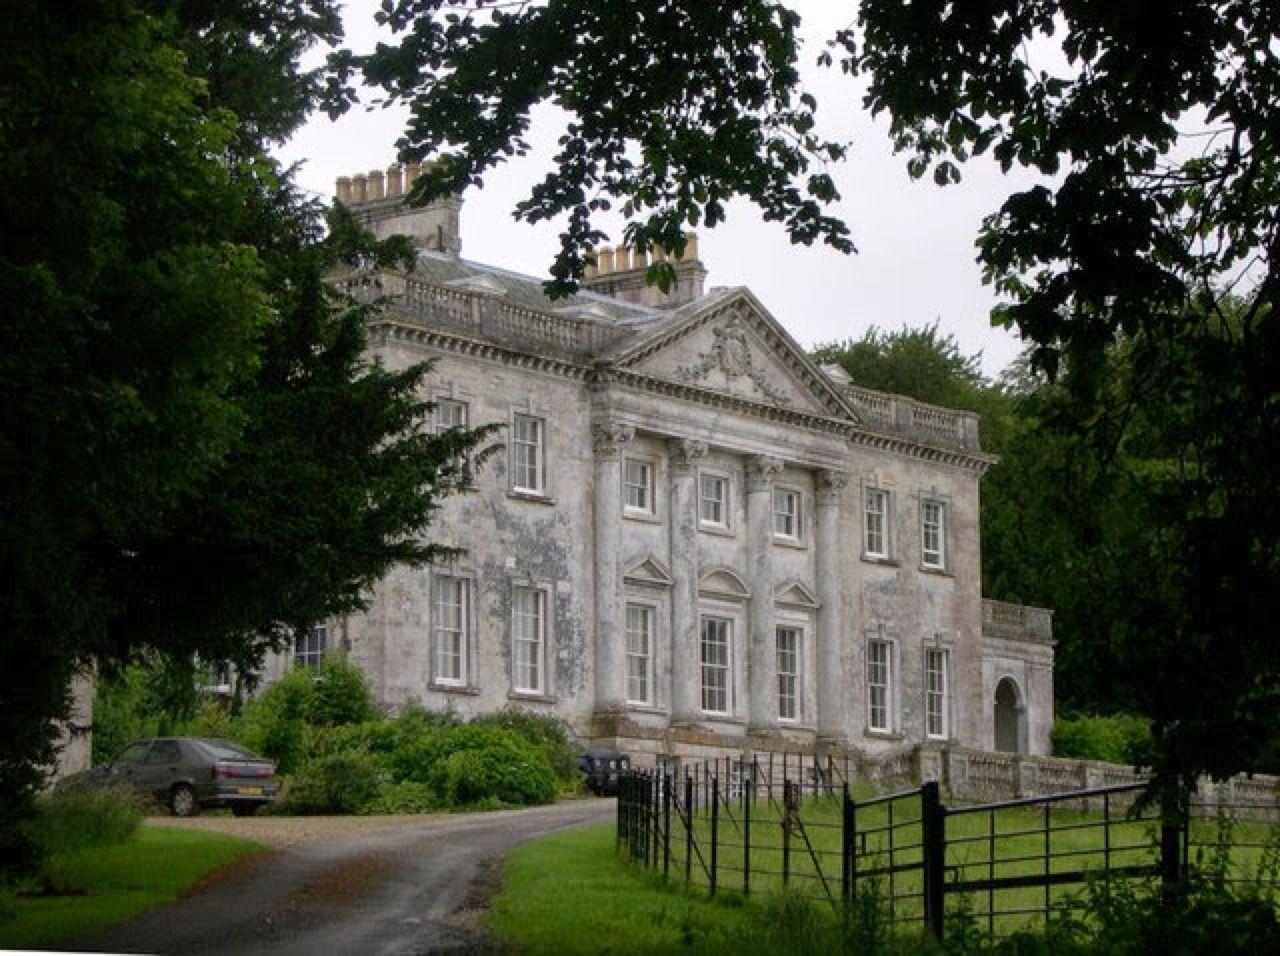 Englishcountryhousegoncourt u holdhard came house dorset house